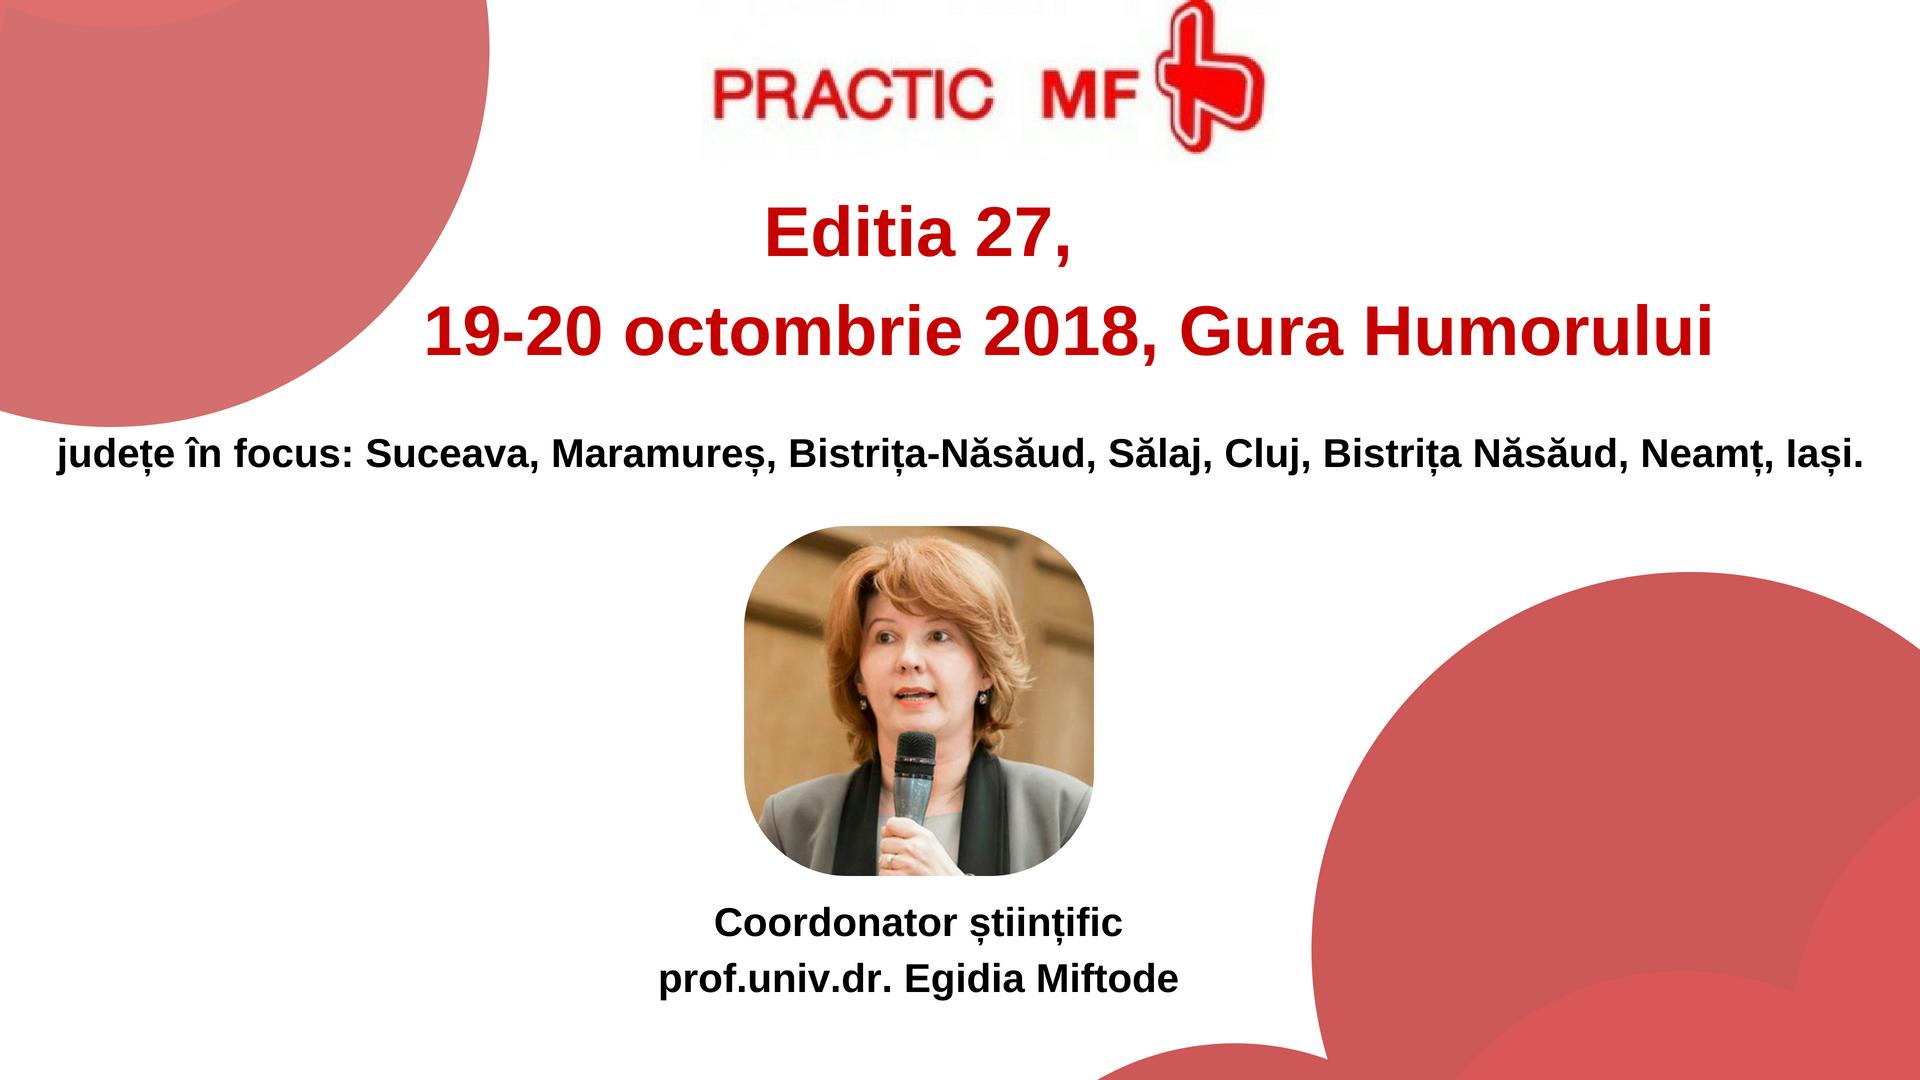 Cea de-a XXVII-a ediție a Simpozionului Regional Practic MF, 19-20 octombrie 2018, Gura Humorului